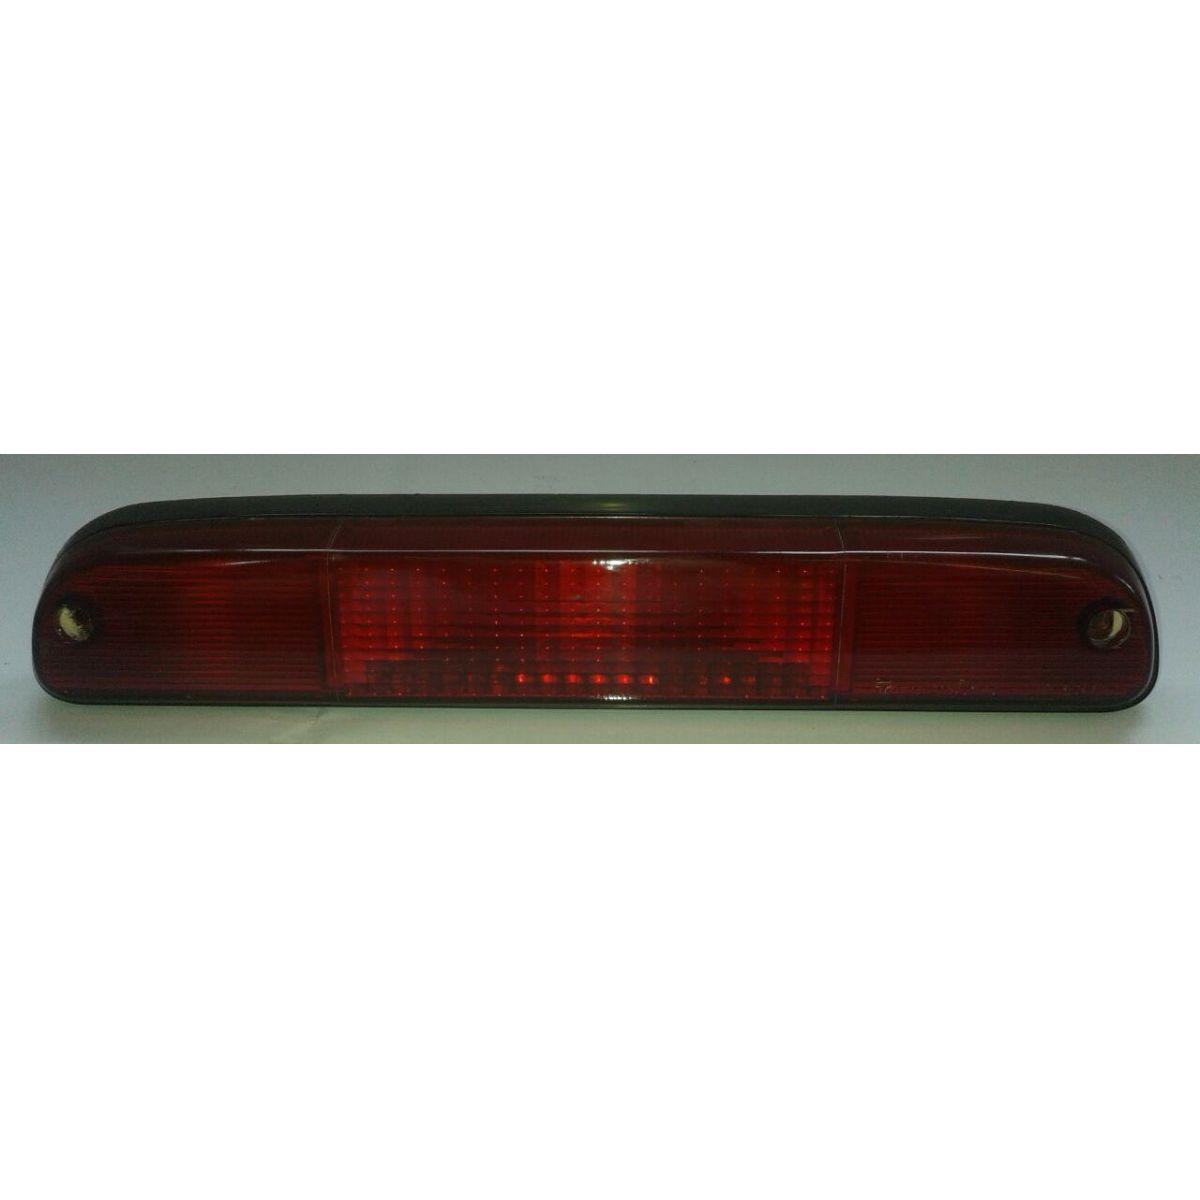 Brake Light Ranger 03 a 06  - Amd Auto Peças